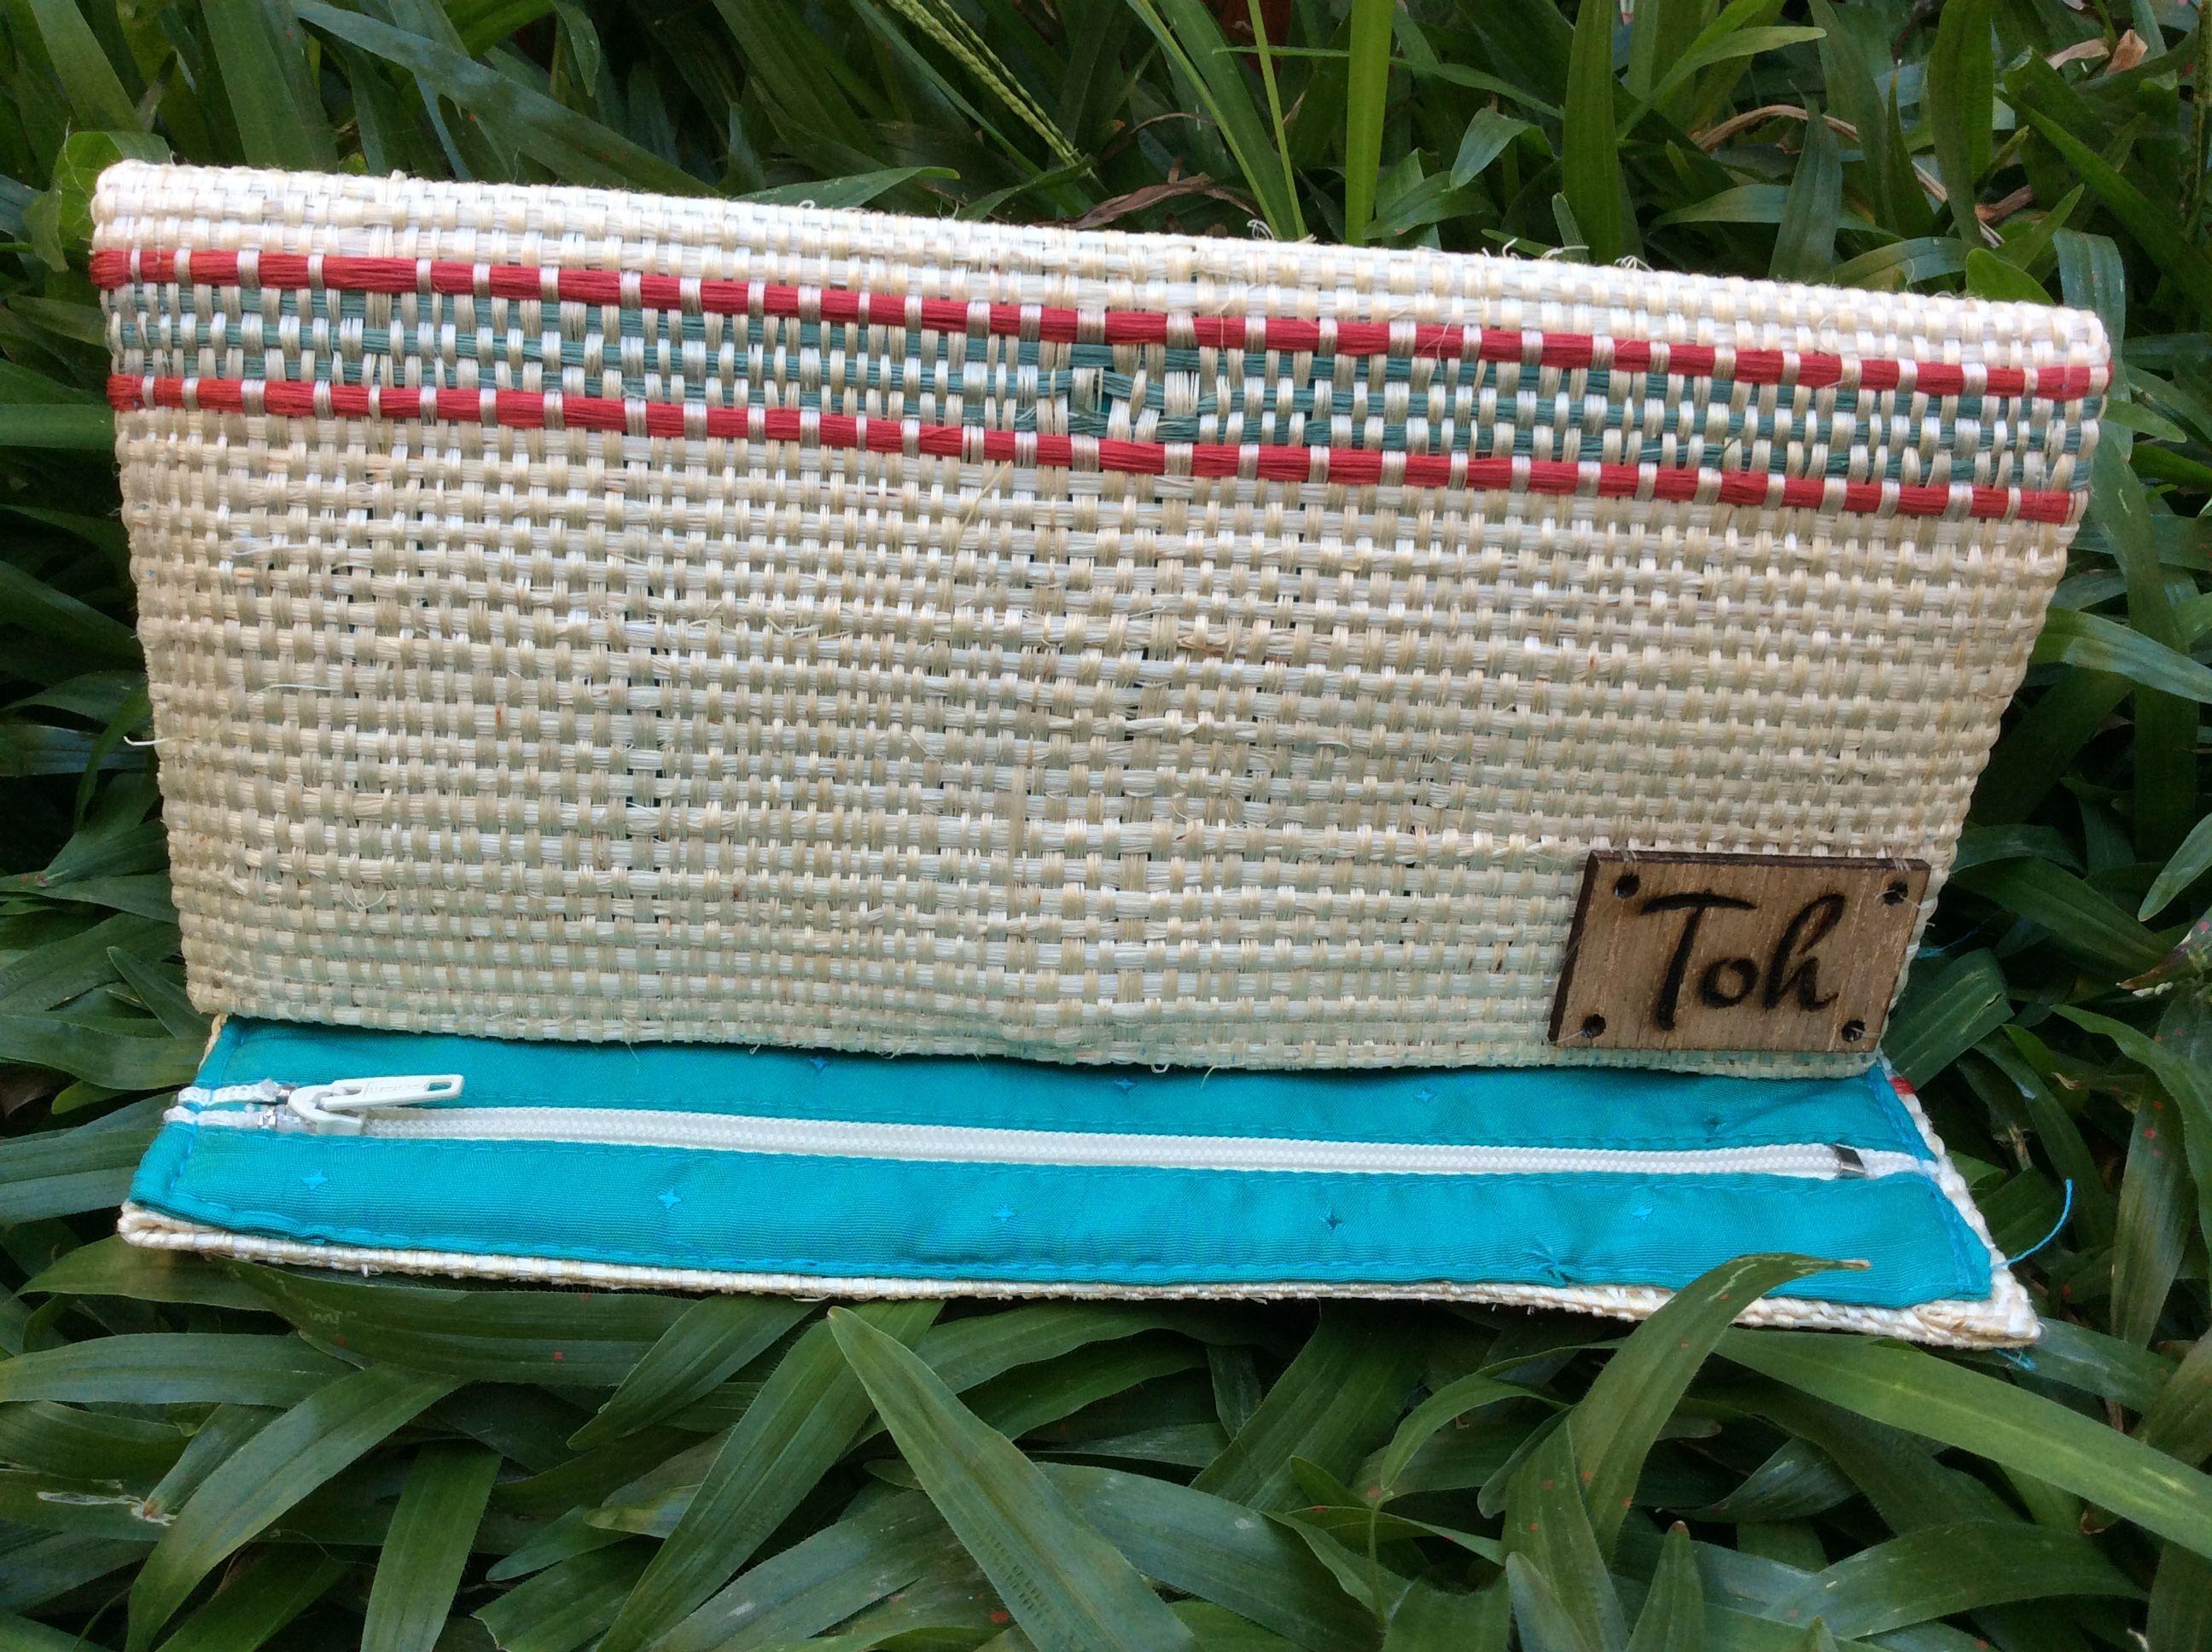 toh purse sisal fiber cartera toh fibra de henequn